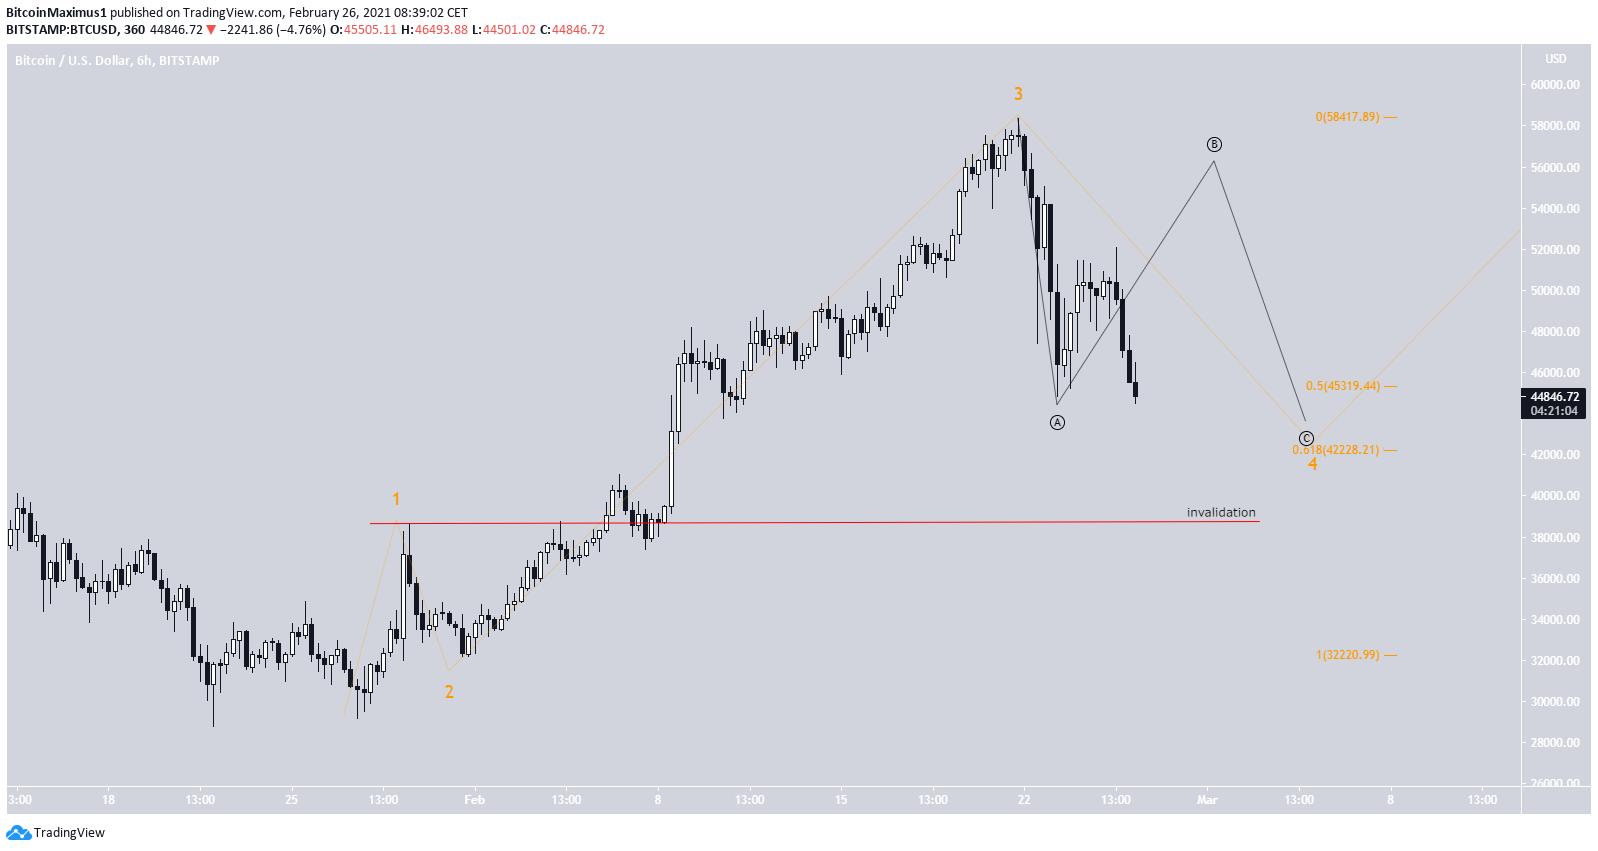 BTC Wellenanalyse kurzfristig